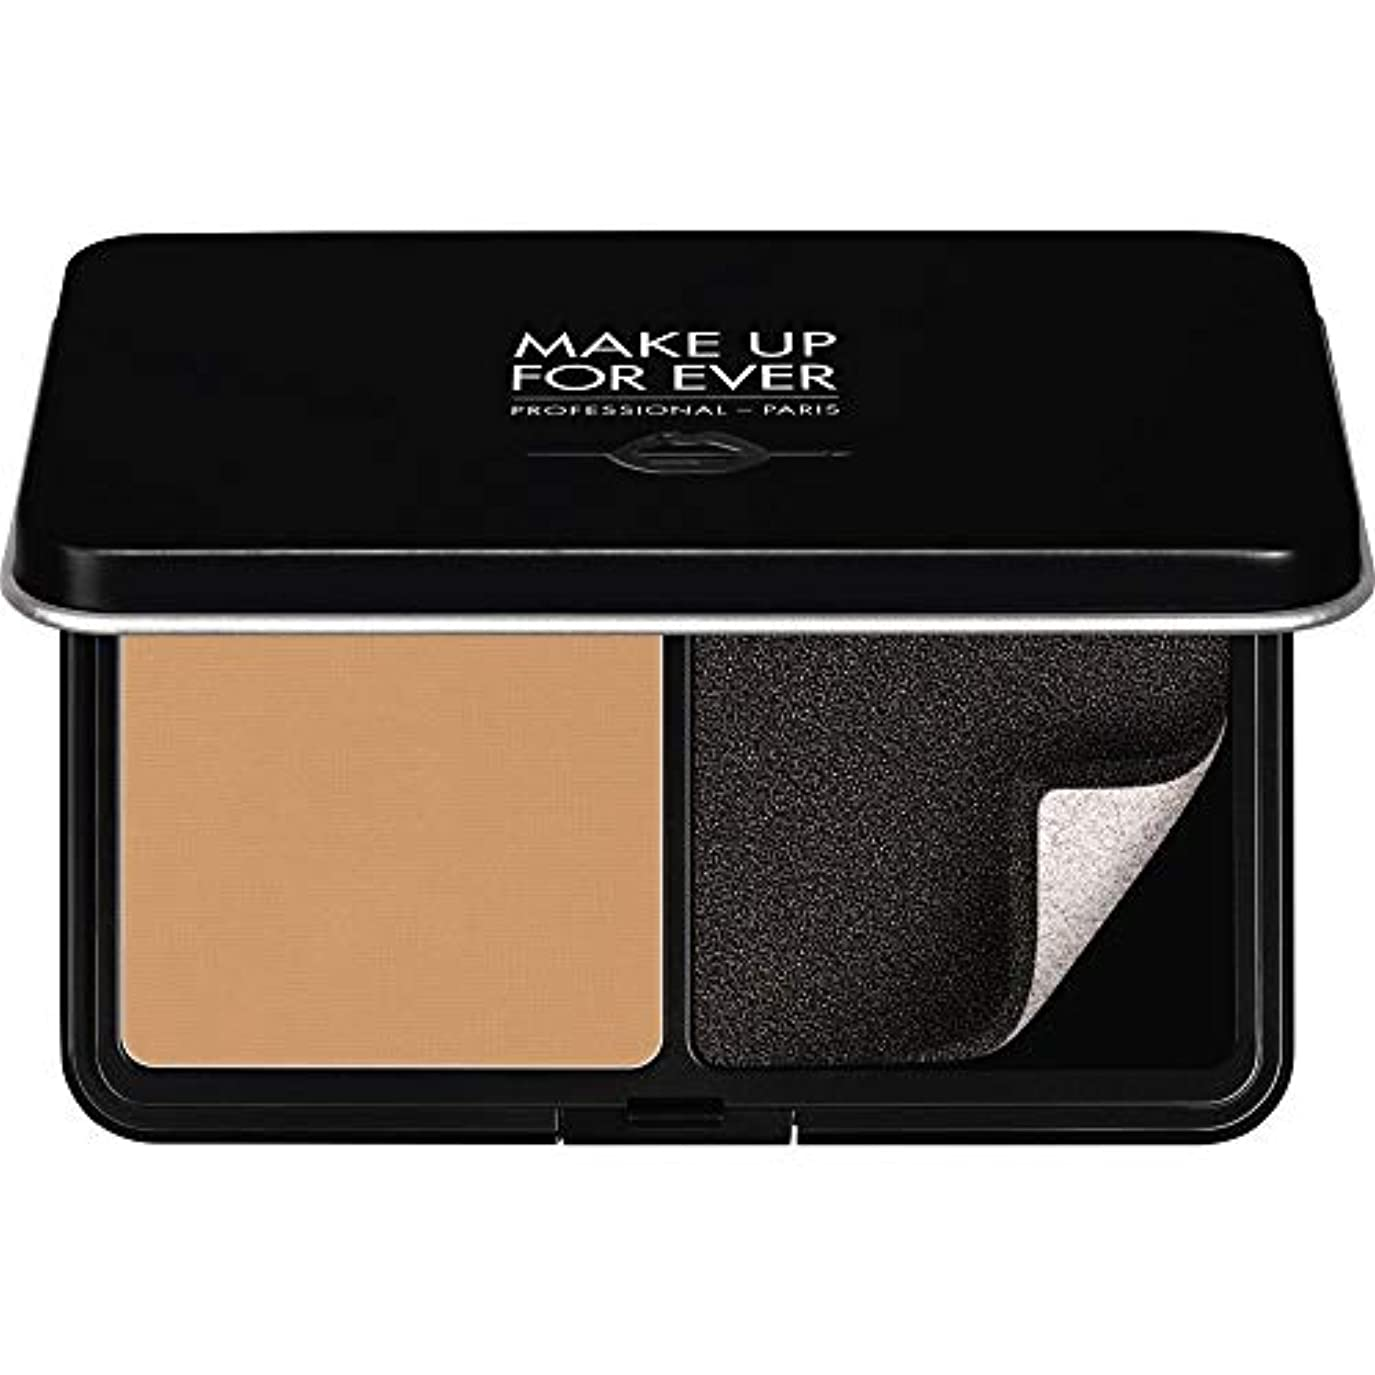 思いやりのある普遍的な心のこもった[MAKE UP FOR EVER ] 黄金の砂 - パウダーファンデーション11GののY375をぼかし、これまでマットベルベットの肌を補います - MAKE UP FOR EVER Matte Velvet Skin...